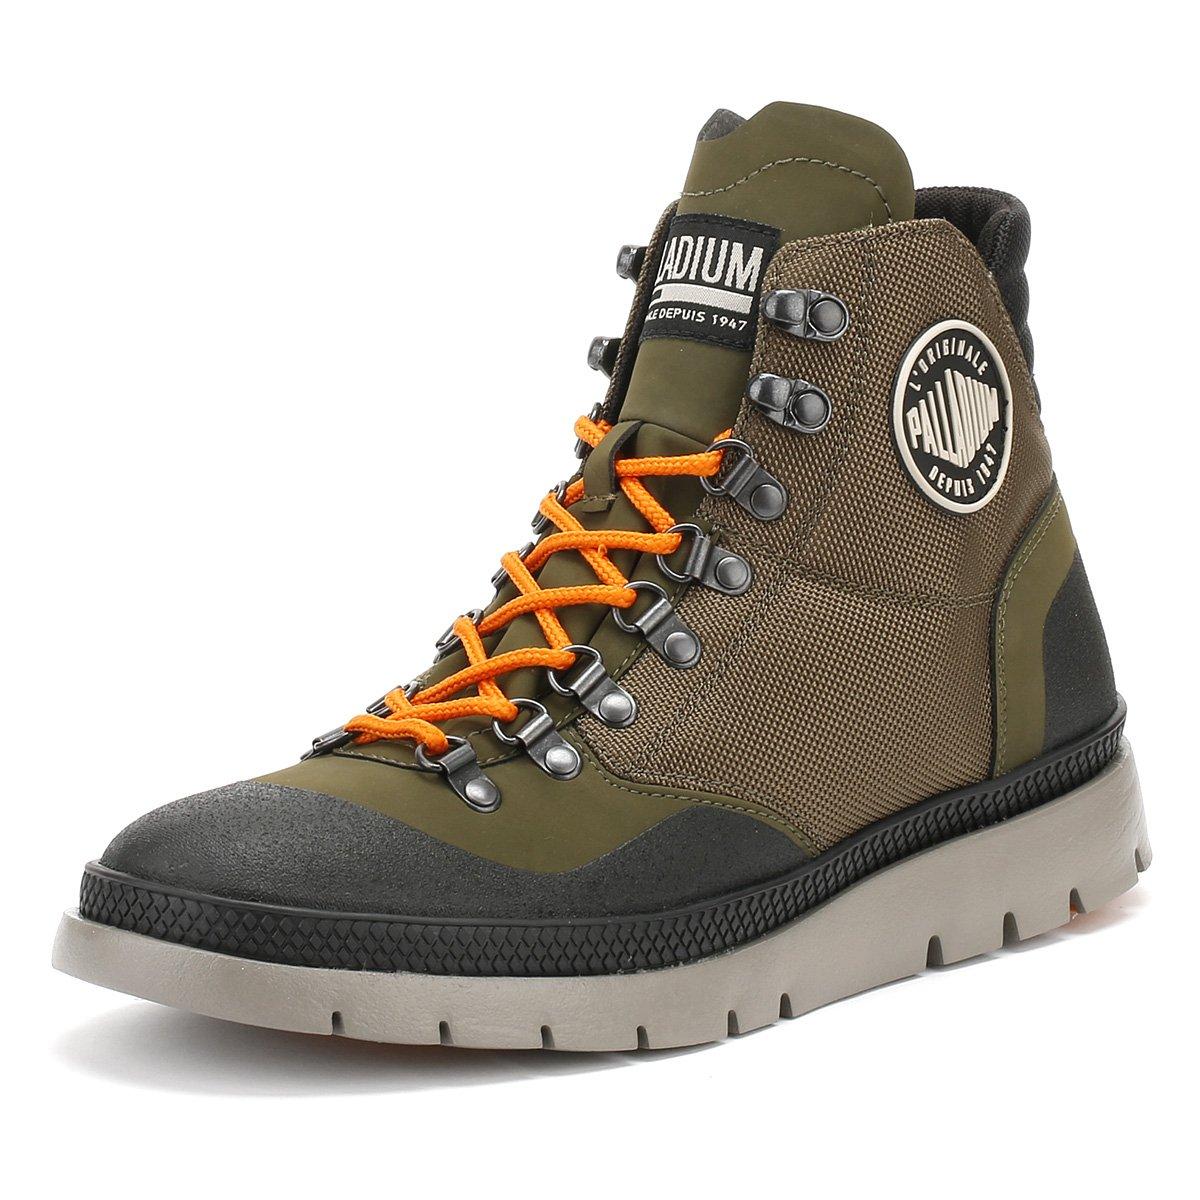 Palladium Hombre Pallasider Hiker Mid Boots, Multicolor: Amazon.es: Ropa y accesorios